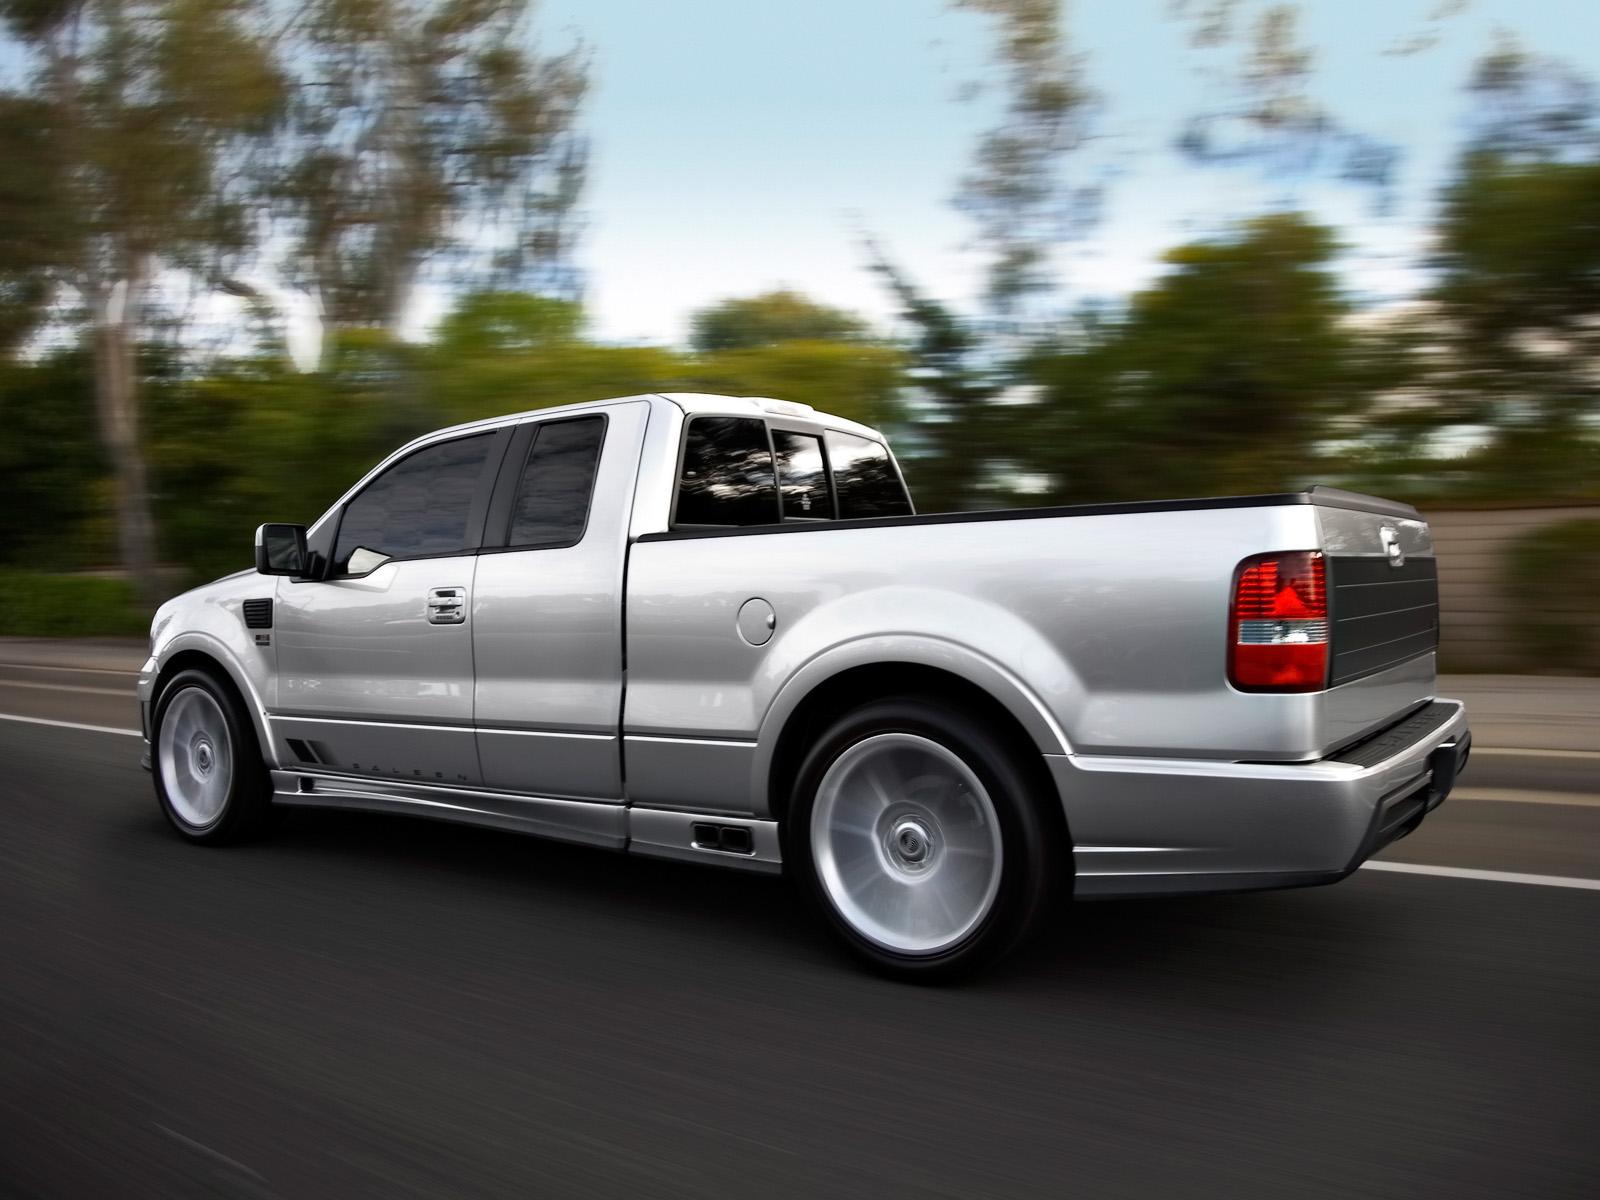 3dtuning of ford f 150 saleen pickup 2010. Black Bedroom Furniture Sets. Home Design Ideas